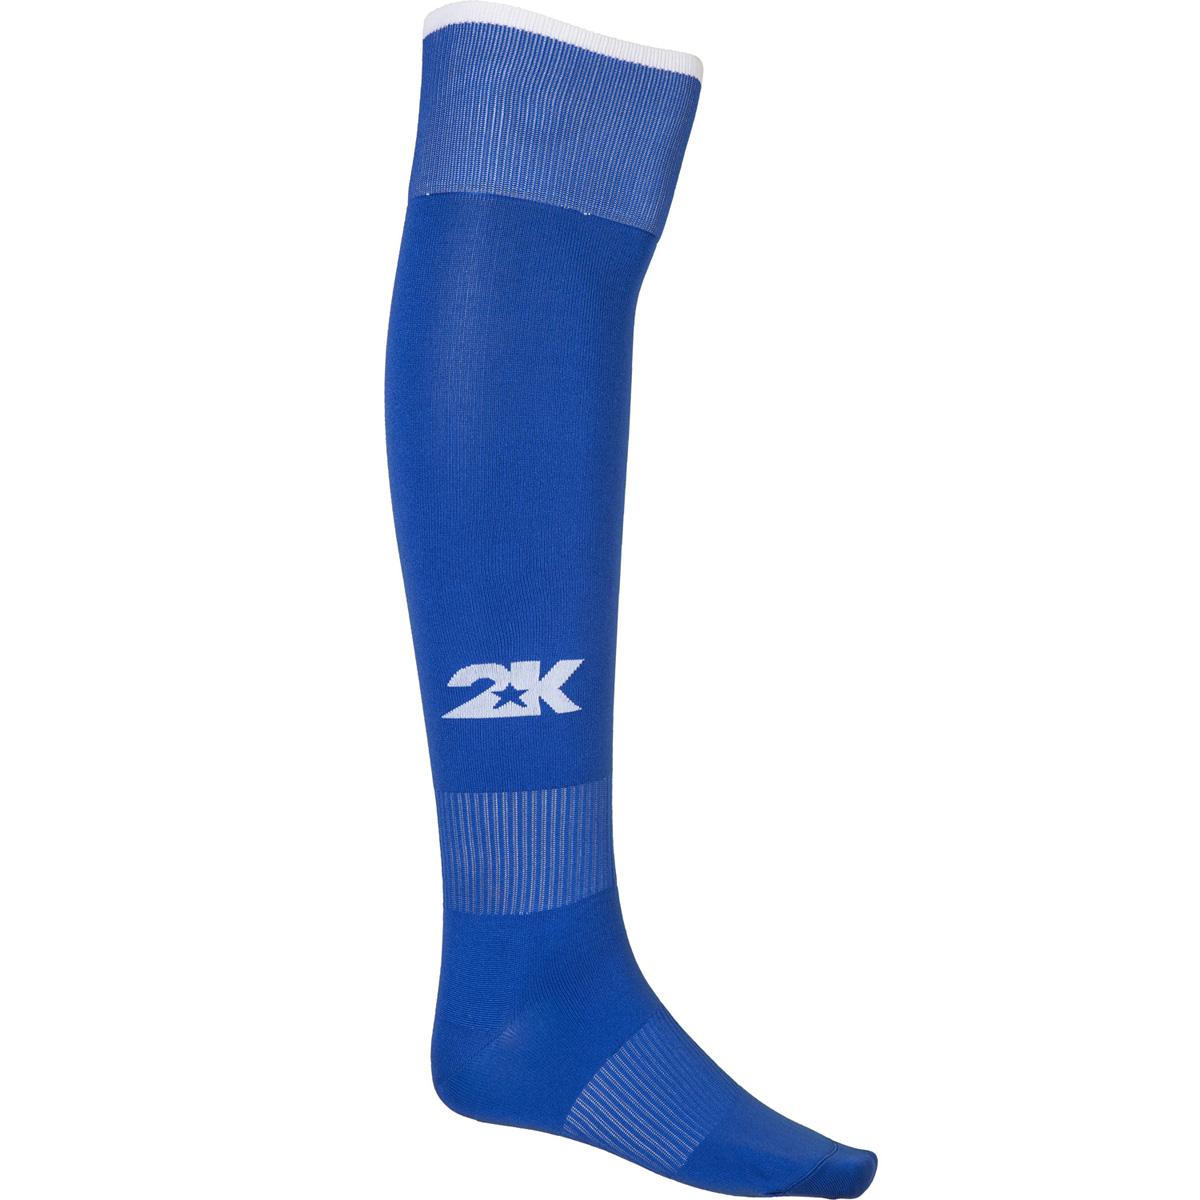 Гетры футбольные 2K Sport Classic, цвет: синий, белый. 120334. Размер 36/40